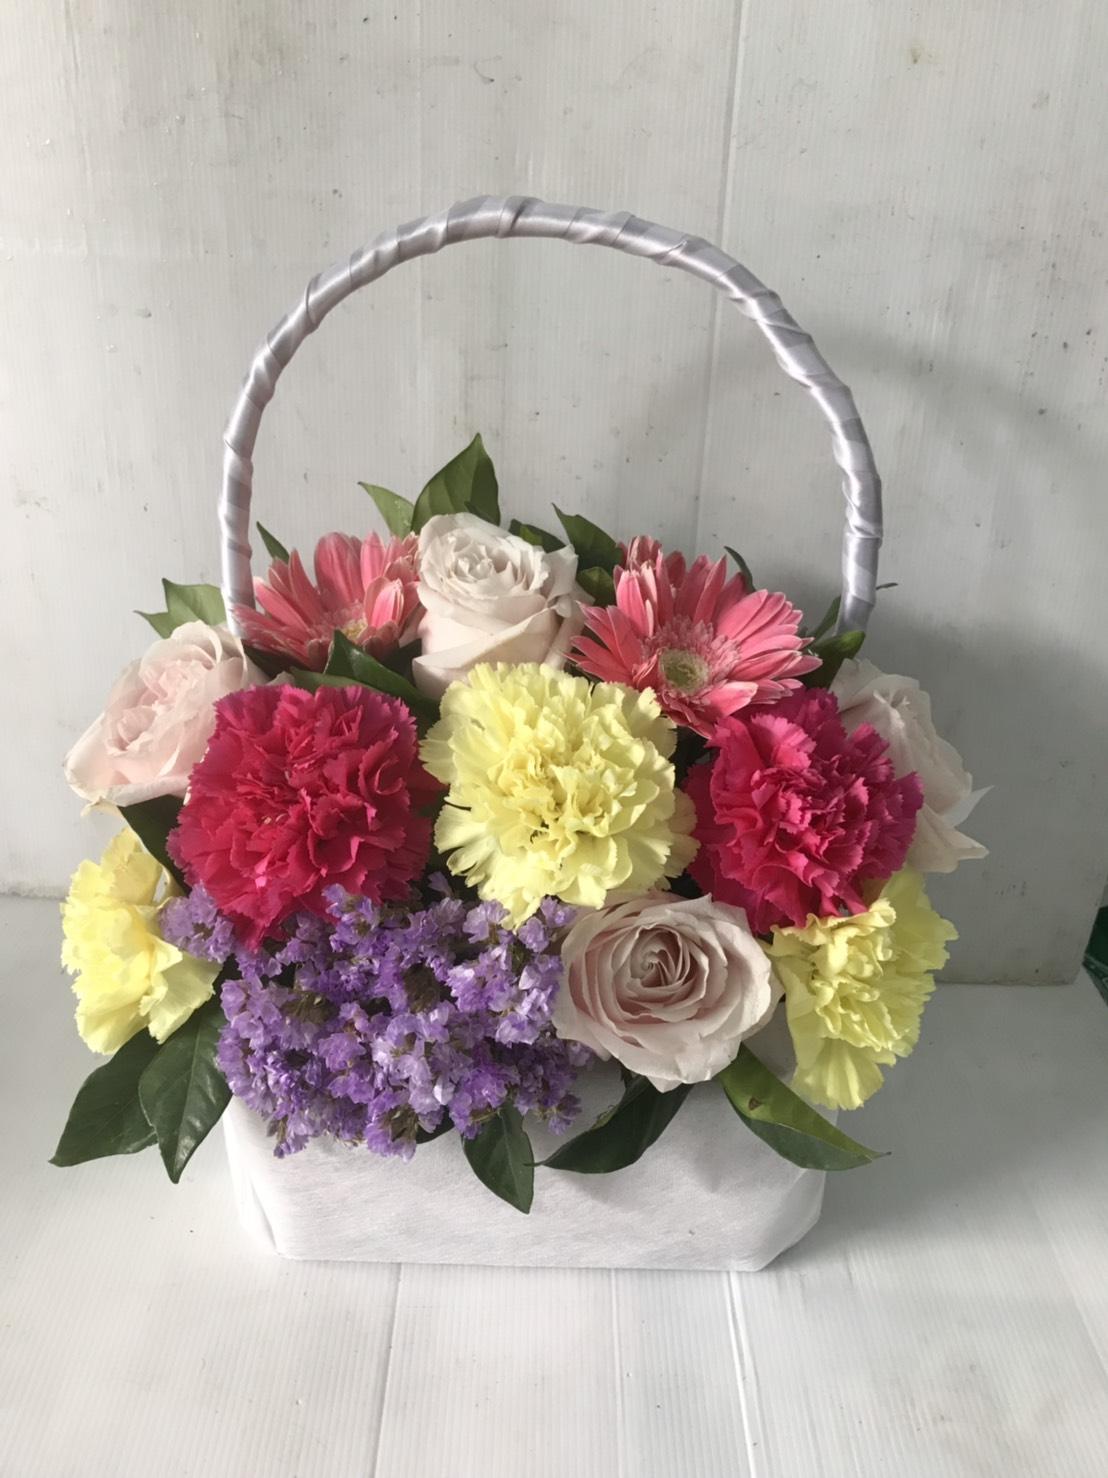 กระเช้าดอกไม้สุดน่ารัก ประกอบด้วยดอกกุหลาบ คาร์เนชั่น เยอบีร่า สแตติส